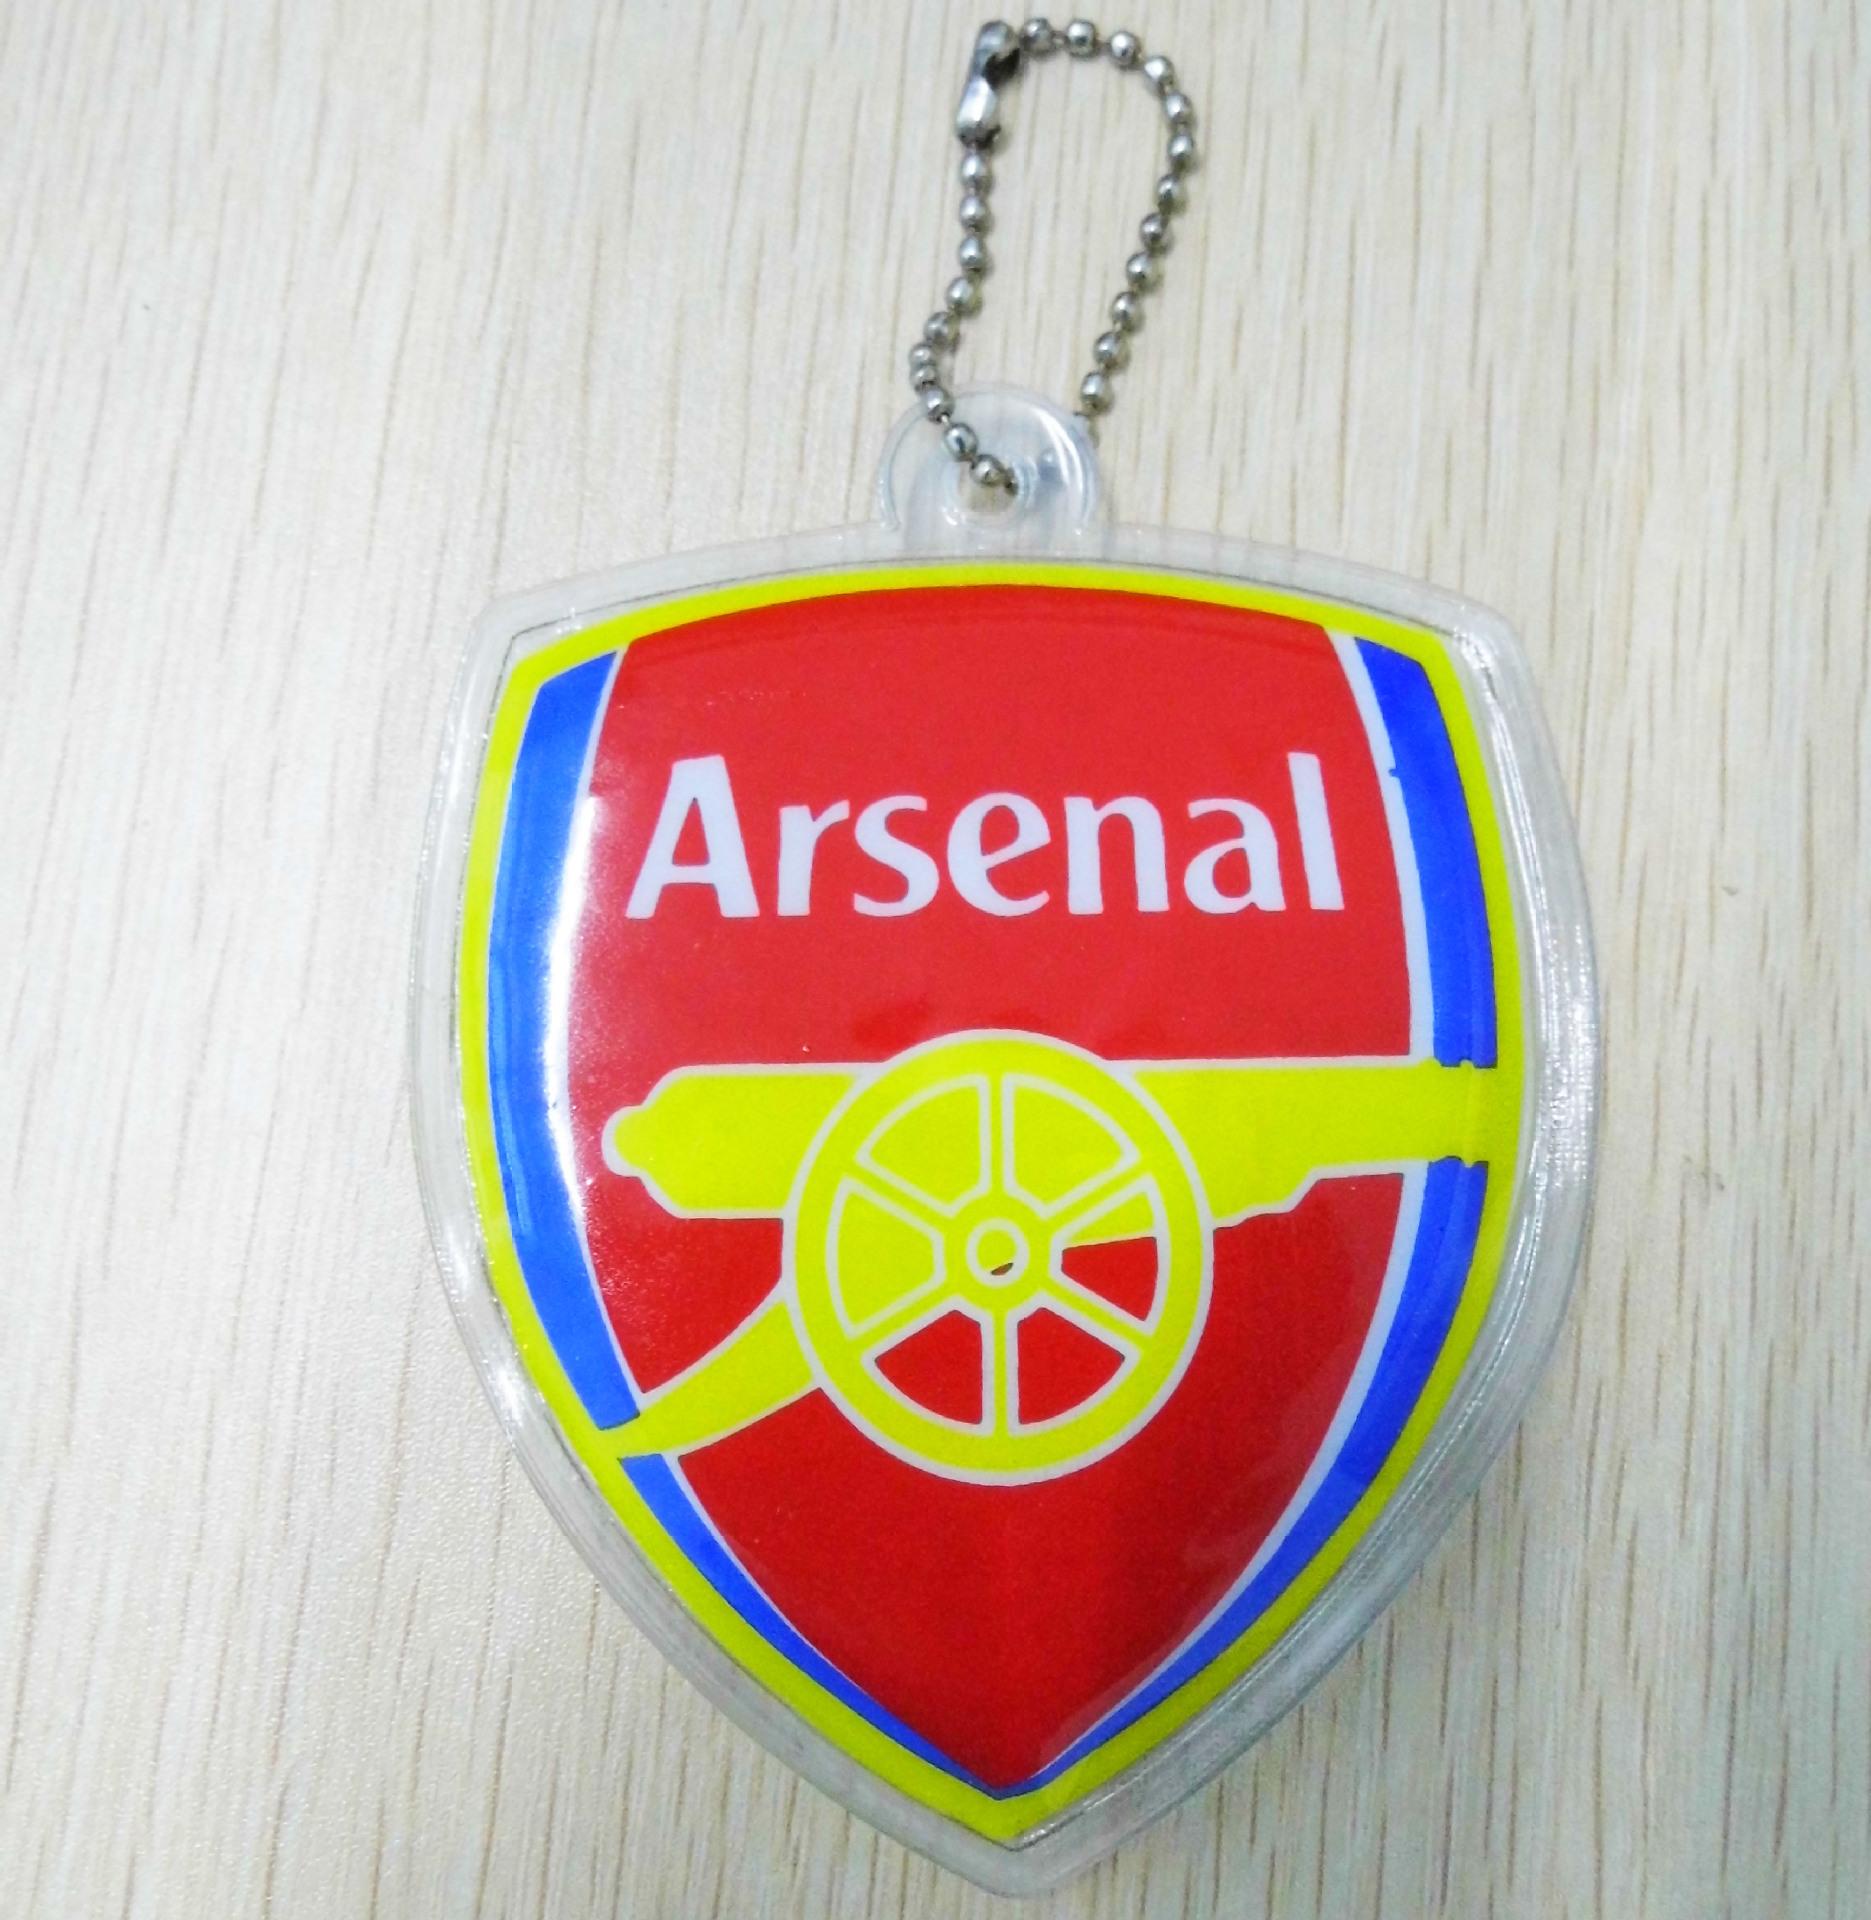 新款皇馬曼聯巴薩切爾西利物鋪啊森娜AC米蘭PVC球衣鑰匙扣掛件